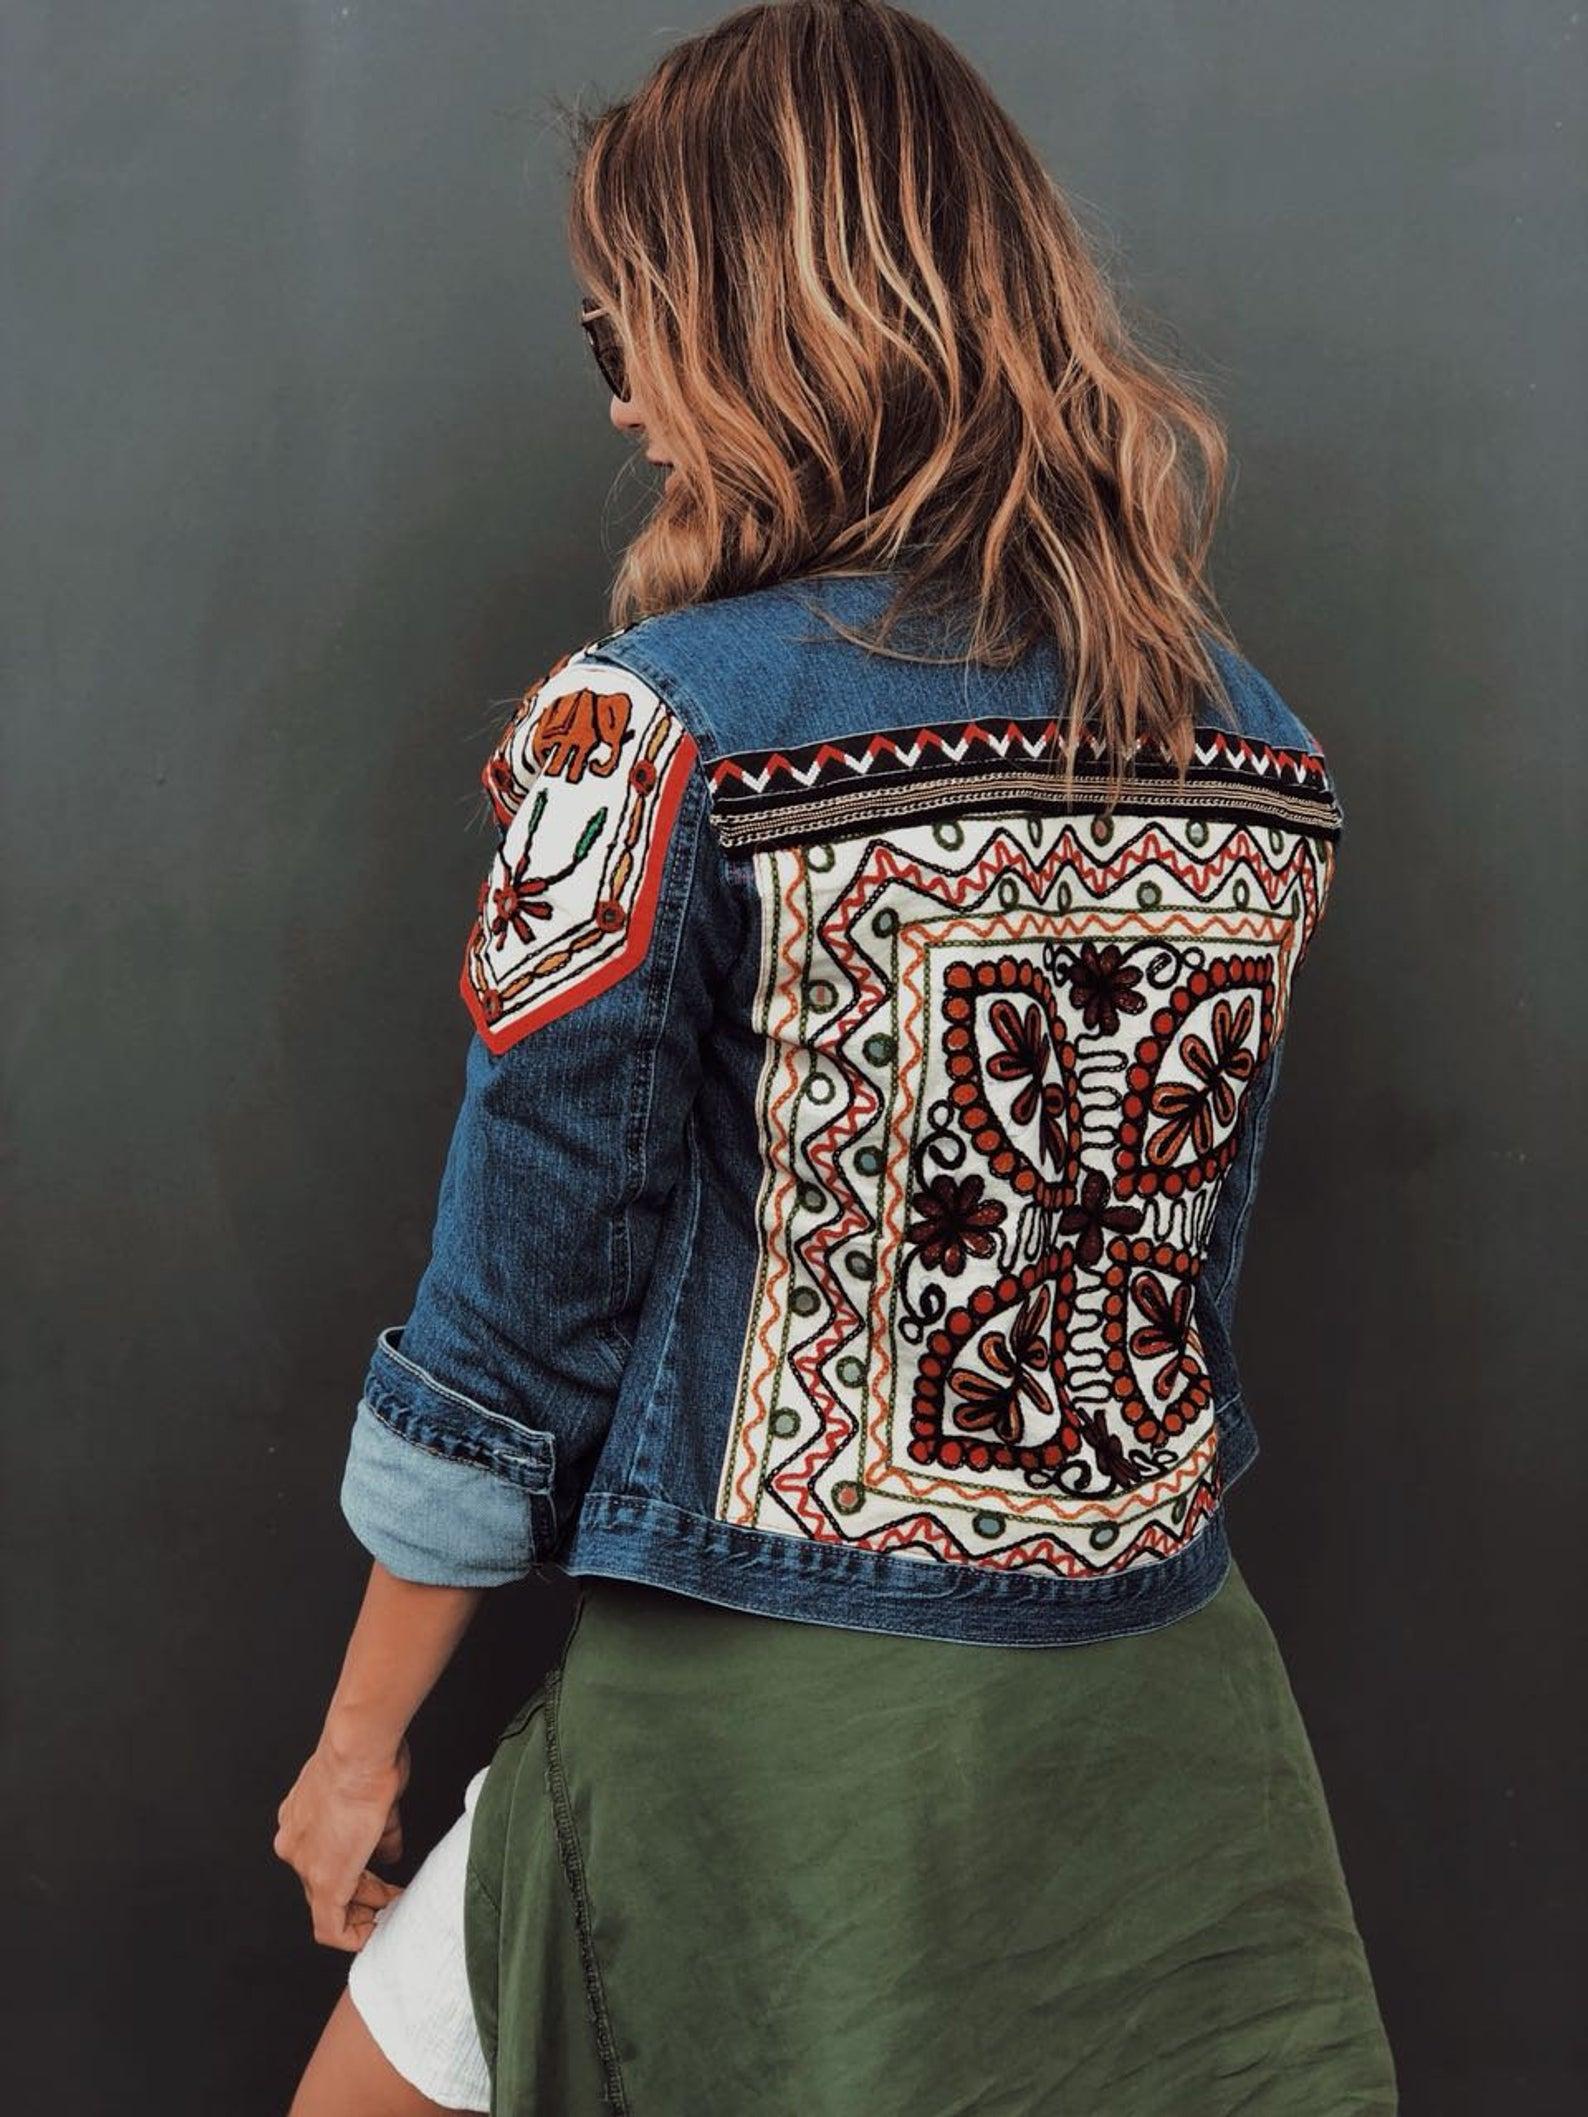 Adornado de chaqueta de Jeans, chaqueta de mezclilla bordado chic boho, festival moda gitana jeans, chaqueta de dril de algodón con cuentas, hippie chic vestir de las mujeres